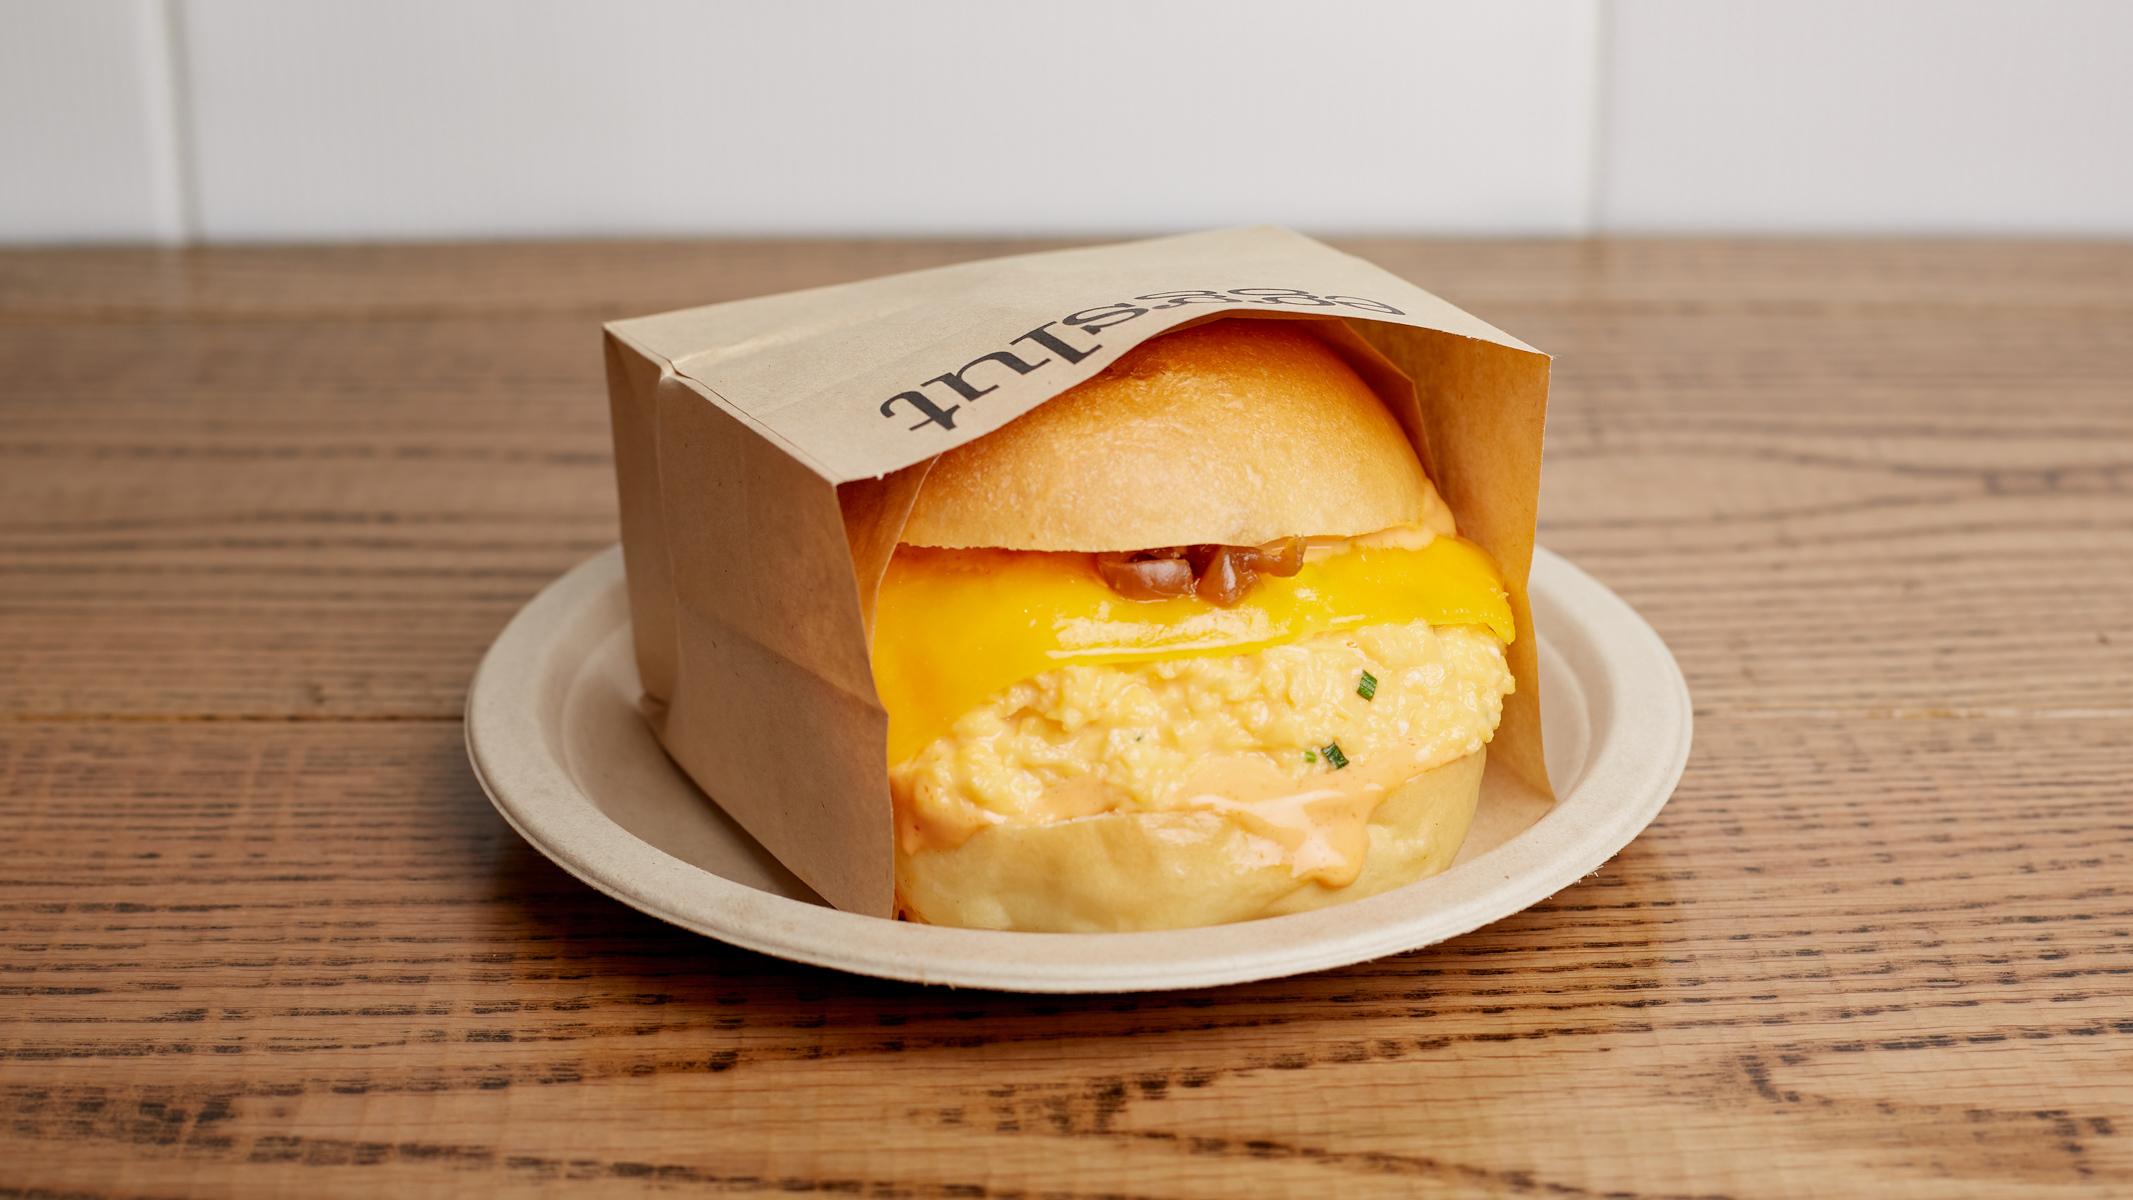 How to make Eggslut's Fairfax egg sandwich